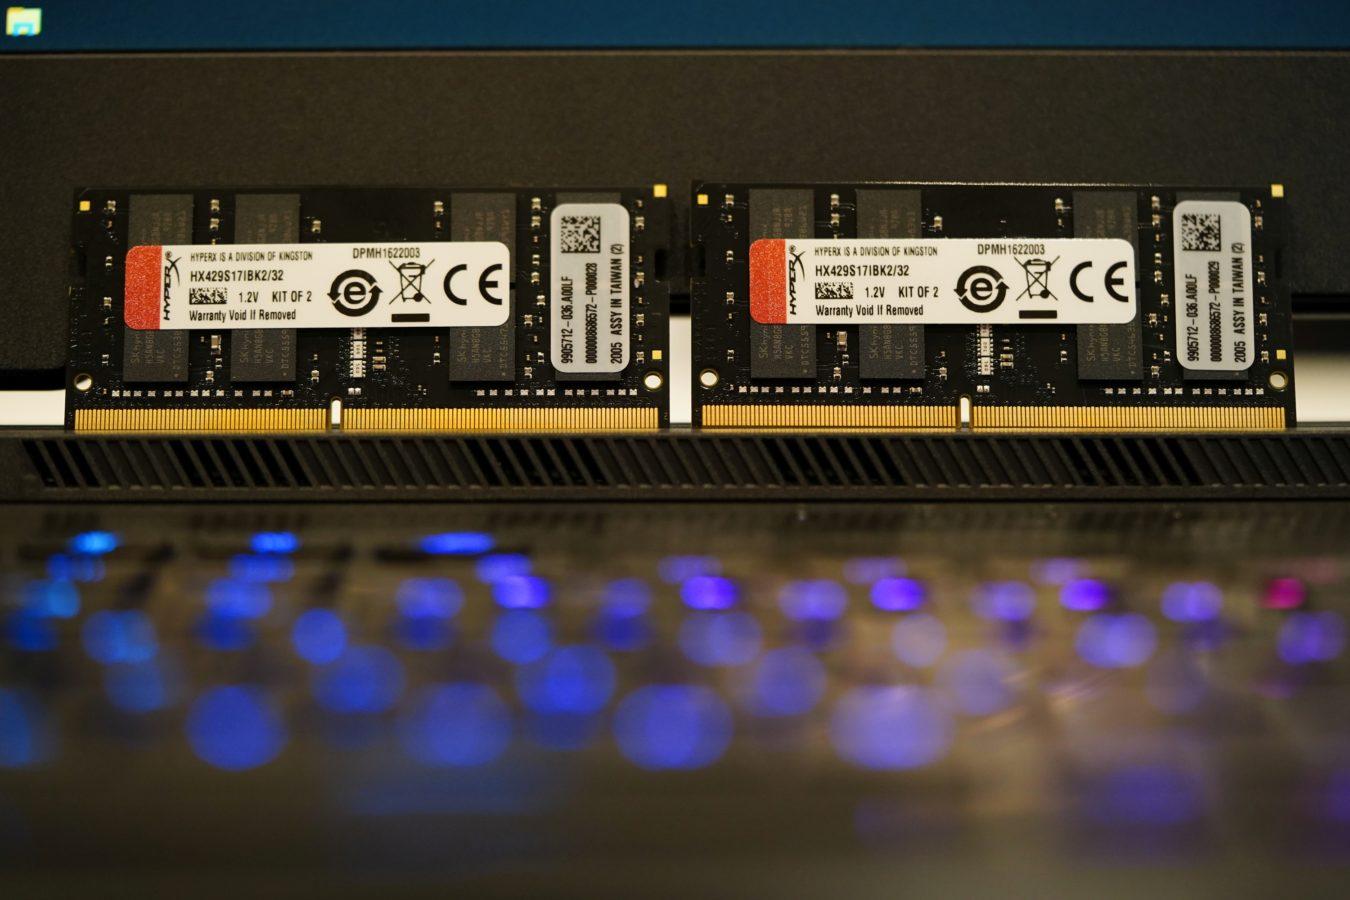 Sprawdzamy, co daje wymiana podstawowego RAM-u w laptopie na mocarne pamięci 20 HyperX Impact DDR4 Sodimm 2933 MHz